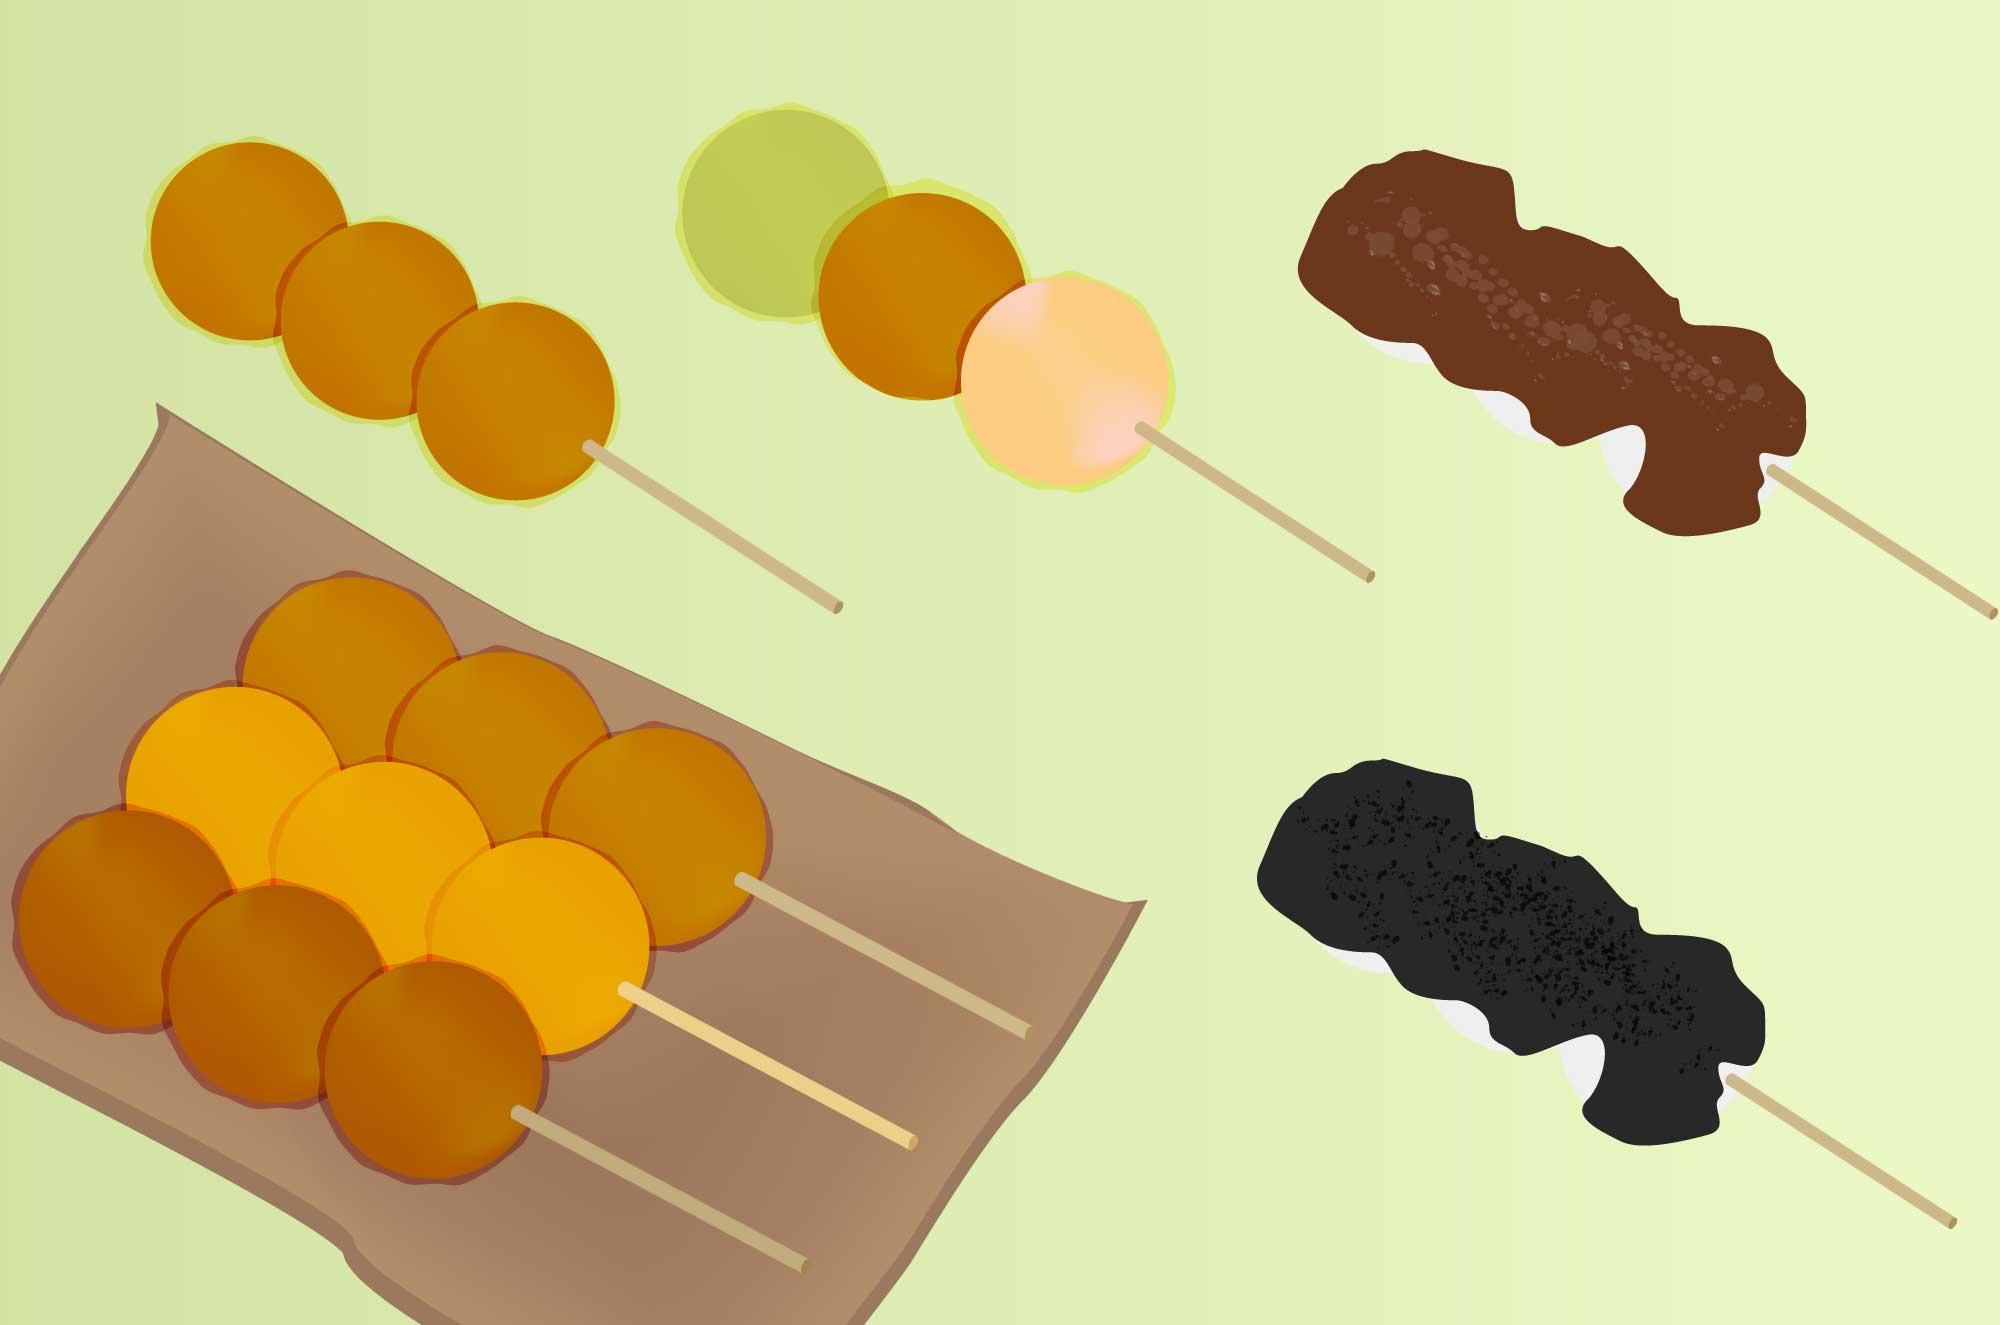 美味しそうな団子のイラスト - 甘い和菓子の無料素材